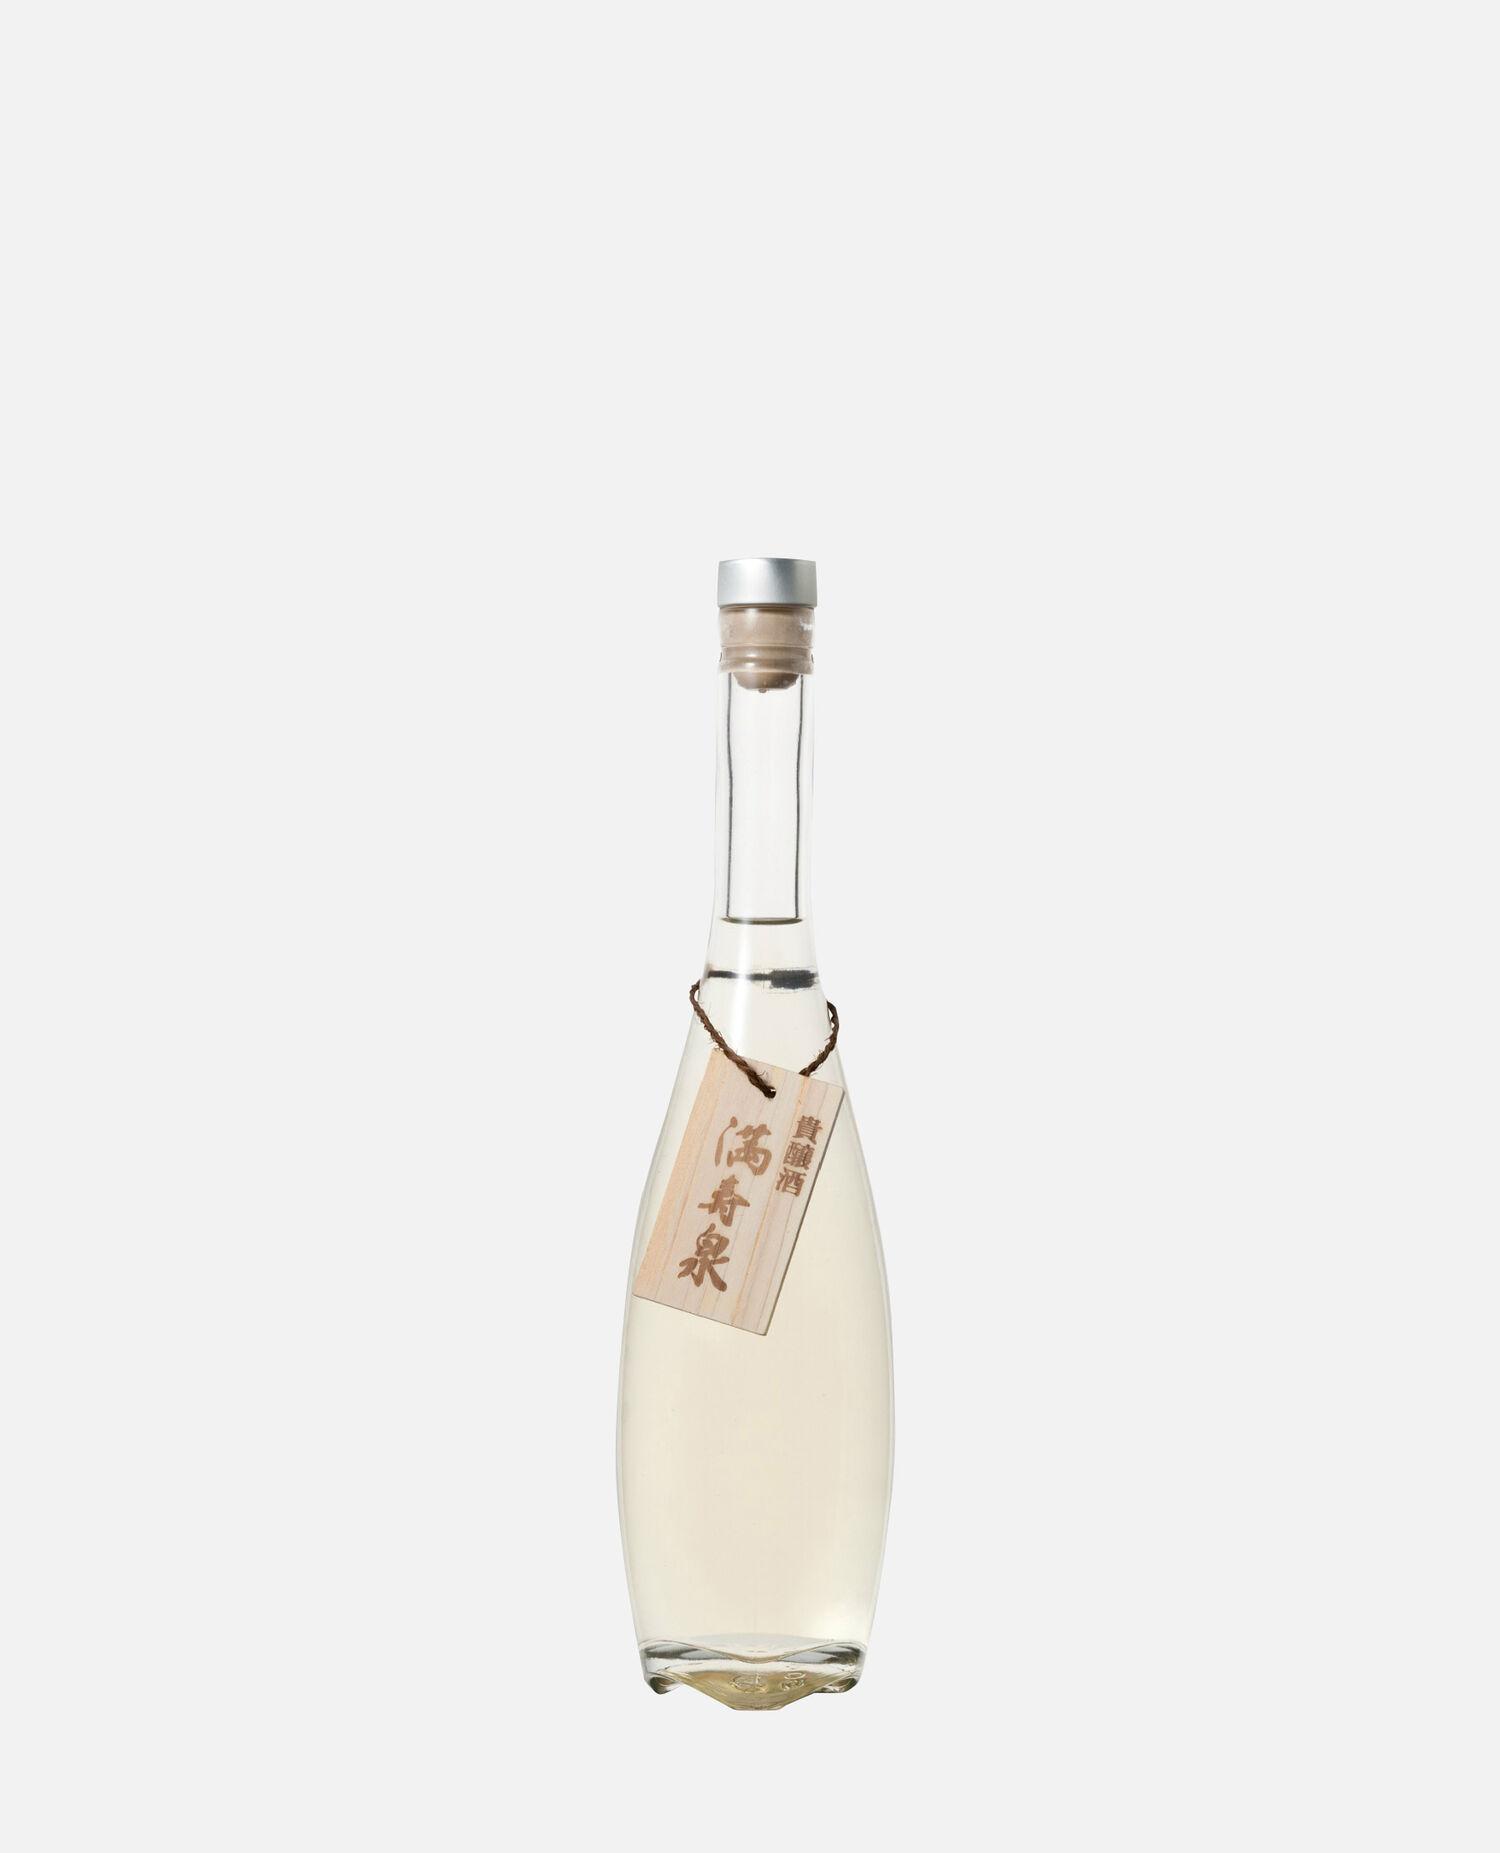 満寿泉 貴醸酒